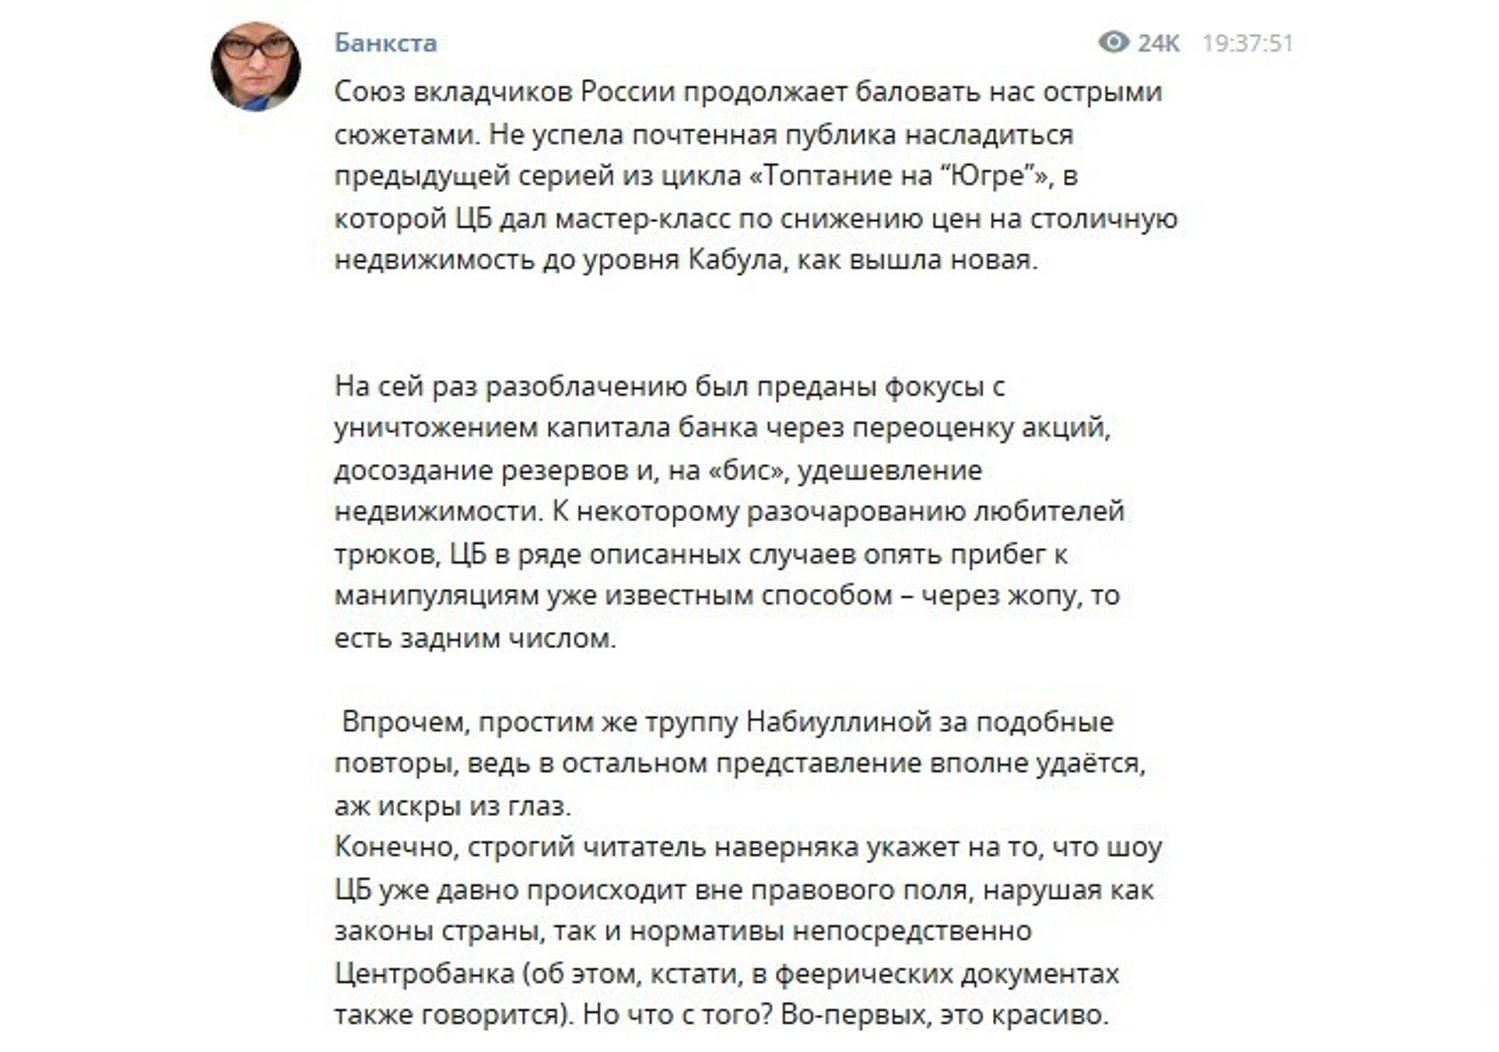 """Скриншот: Телеграм-канал """"Банкста"""""""